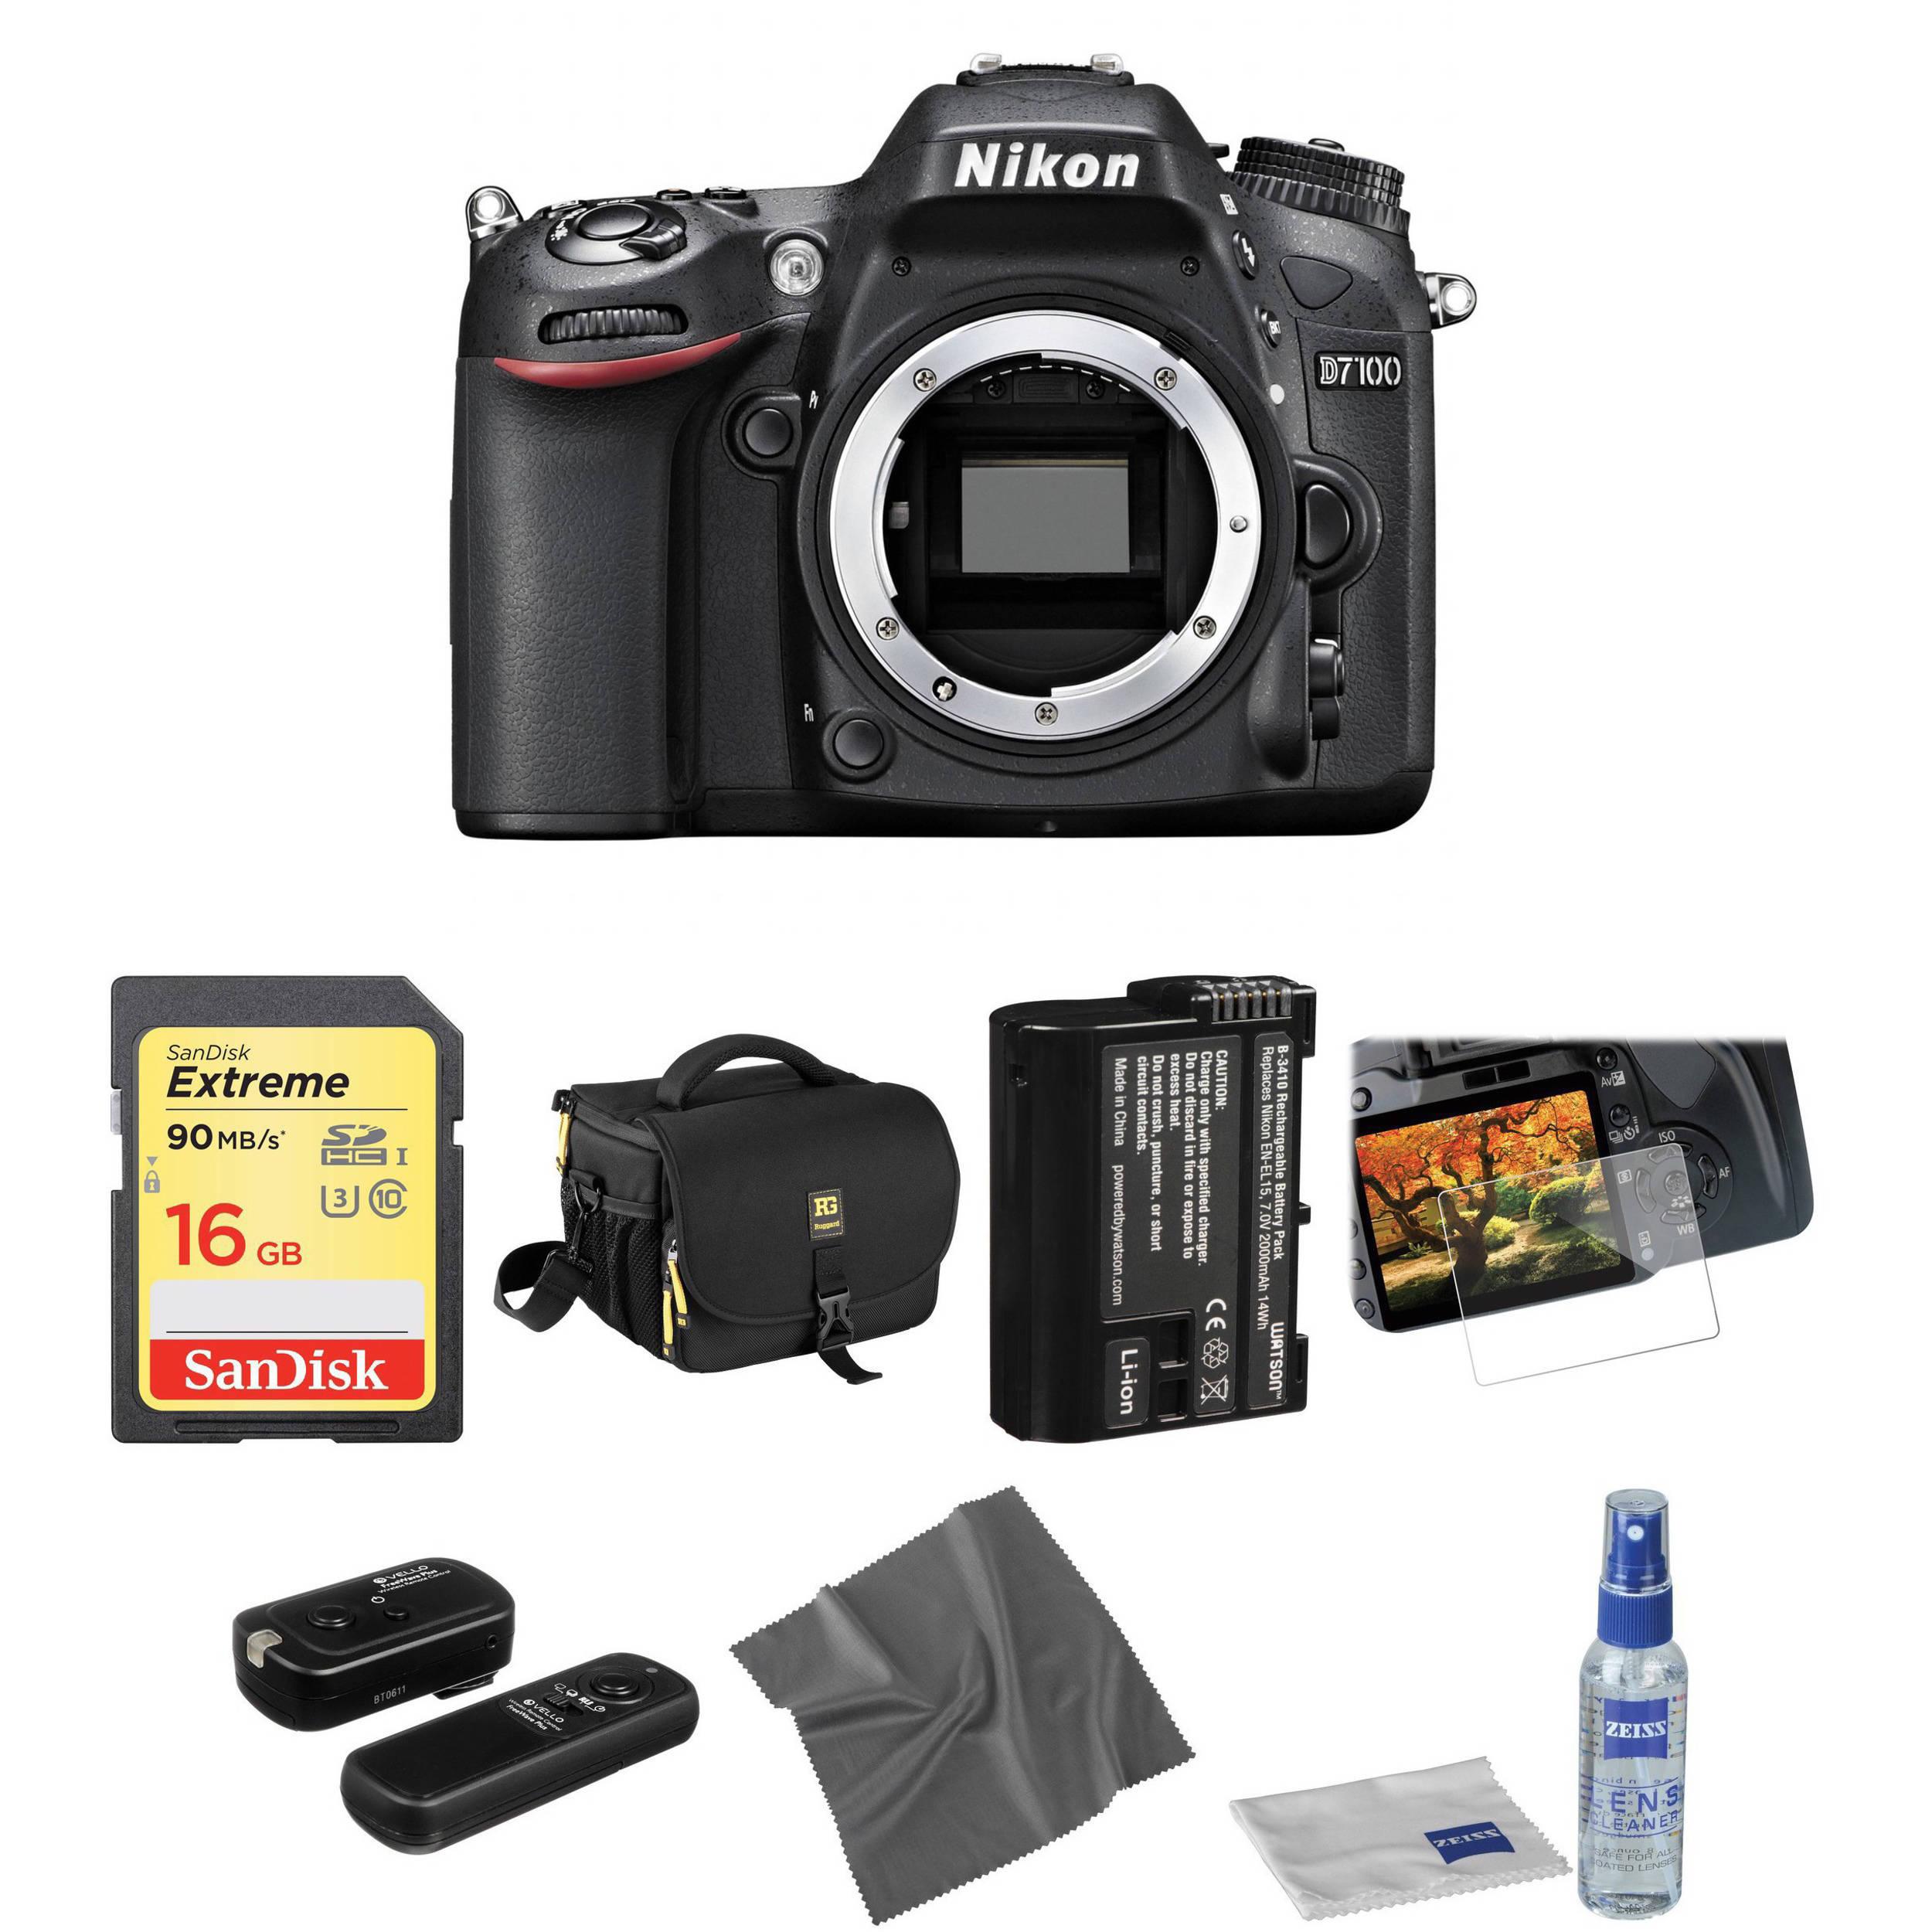 Nikon D7100 DSLR Camera Body Basic Kit B&H Photo Video